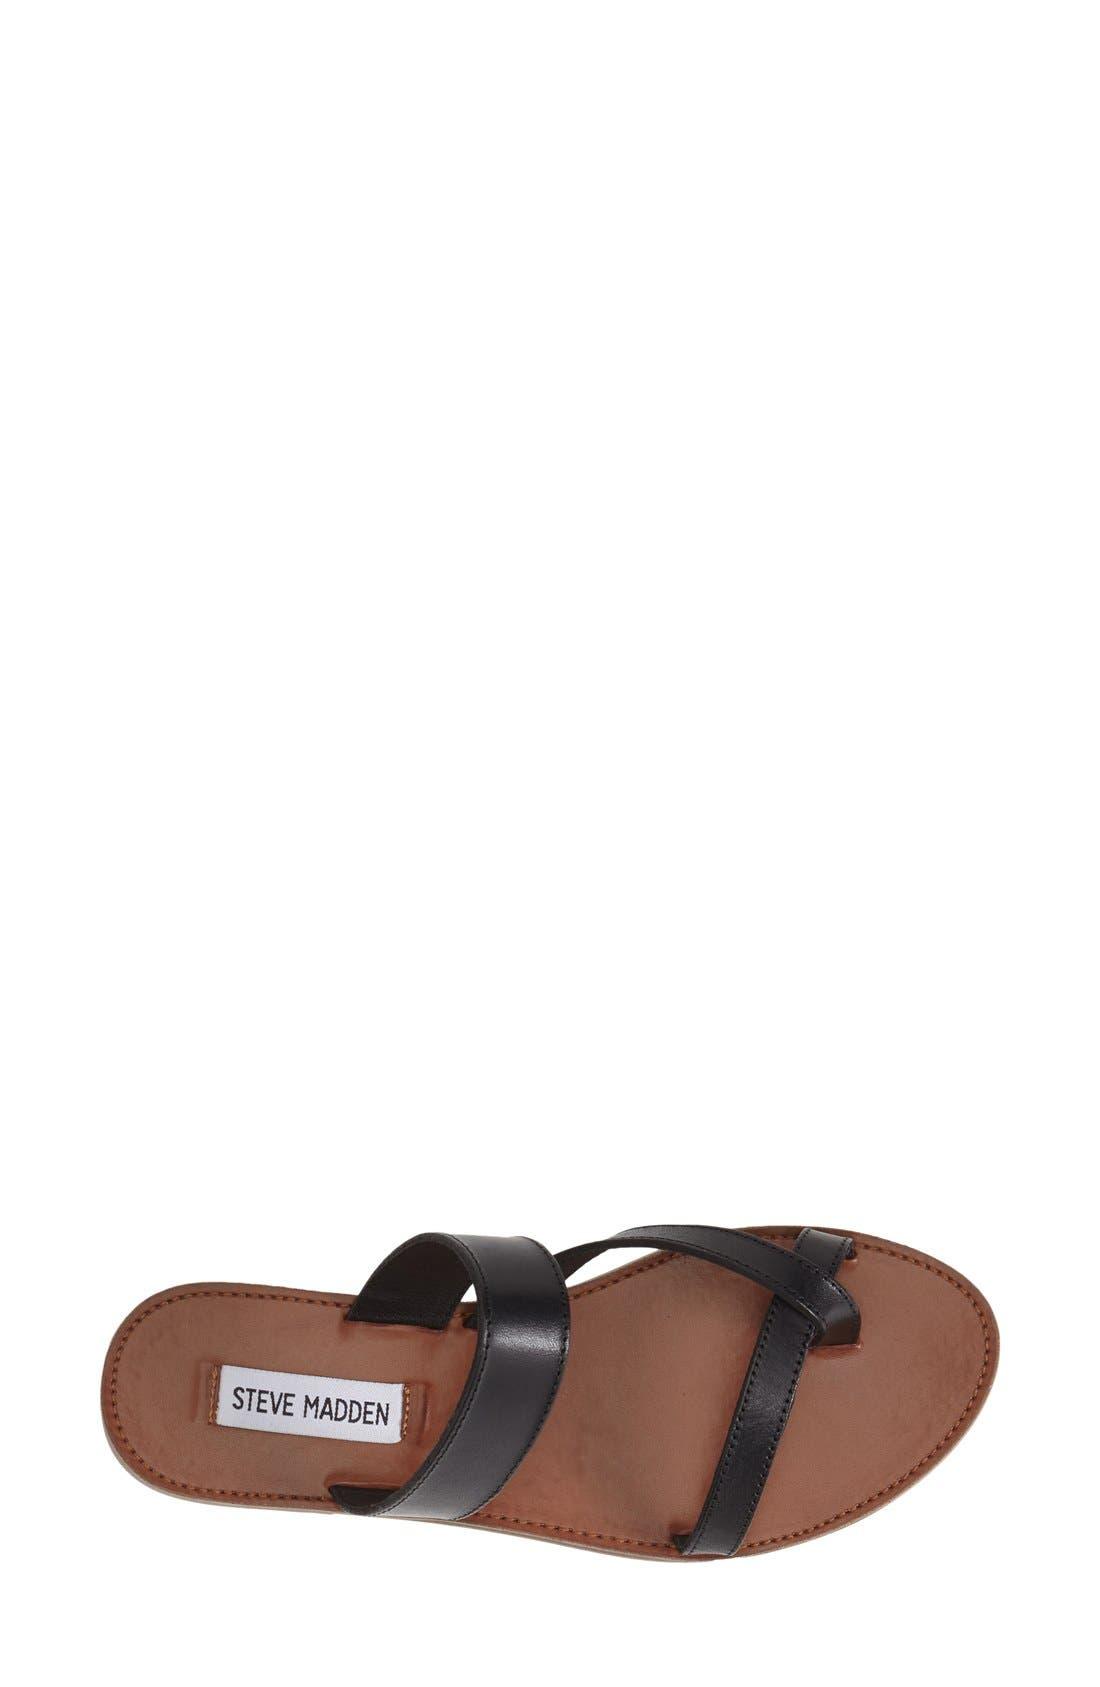 Alternate Image 3  - Steve Madden 'Aintso' Strappy Leather Toe Ring Sandal (Women)